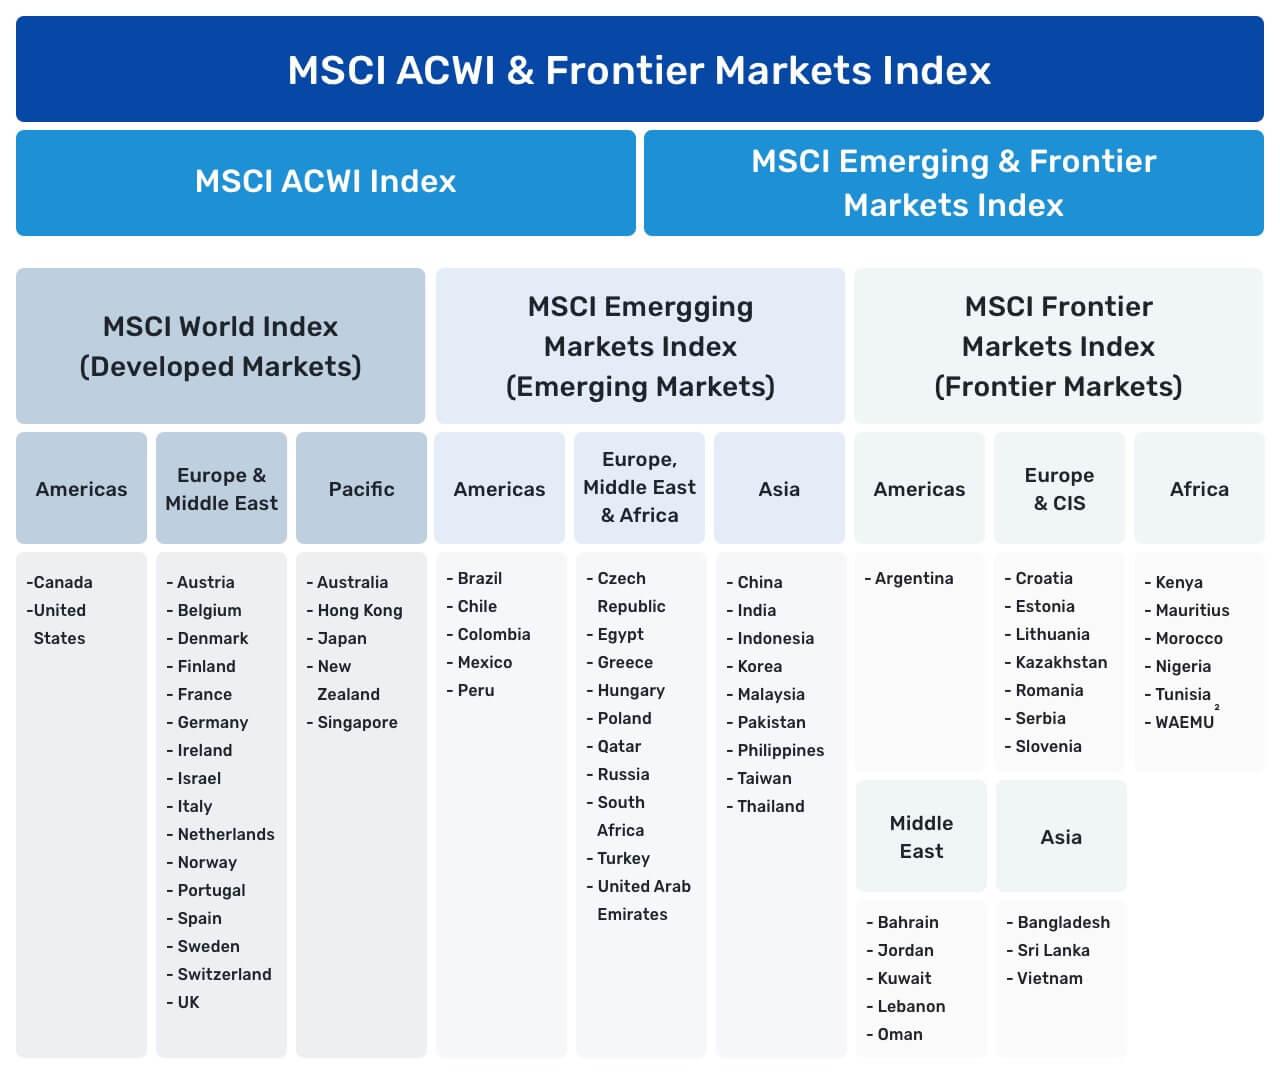 Einteilung MSCI Emerging Markets